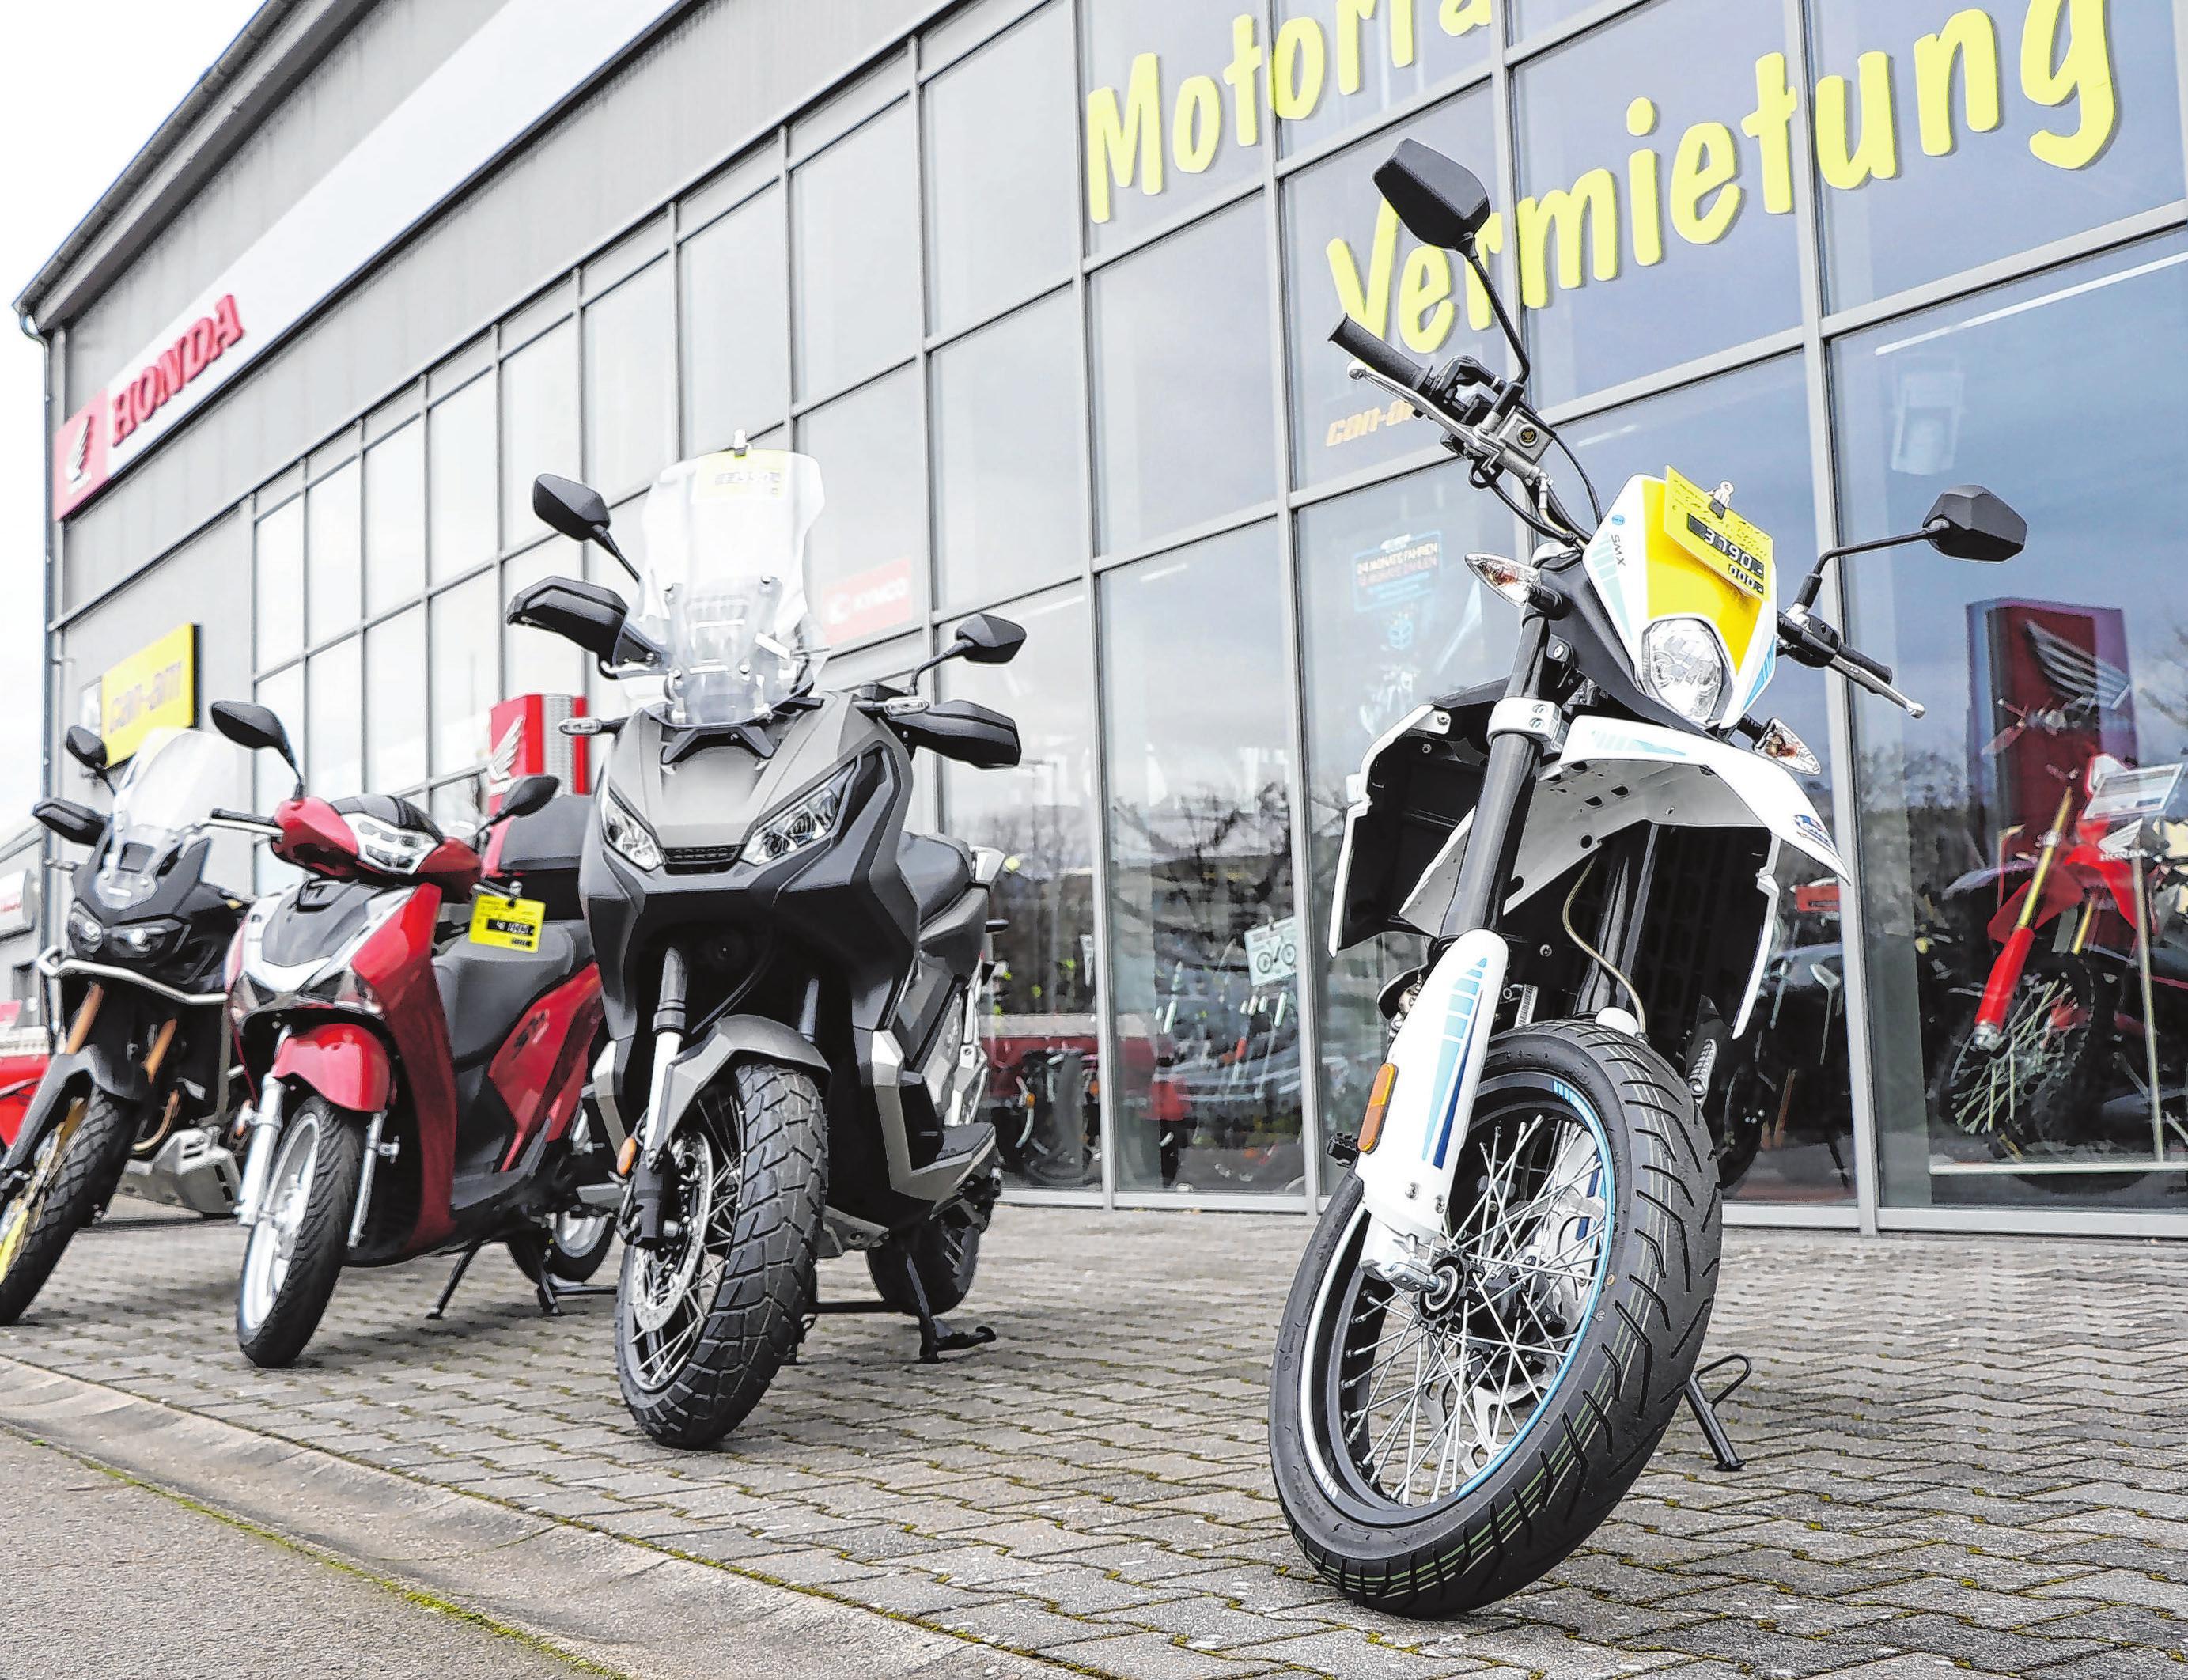 Neben dem Verkauf von Neu- und Gebrauchtfahrzeugen gehört auch eine Fahrzeugvermietung zum Service.